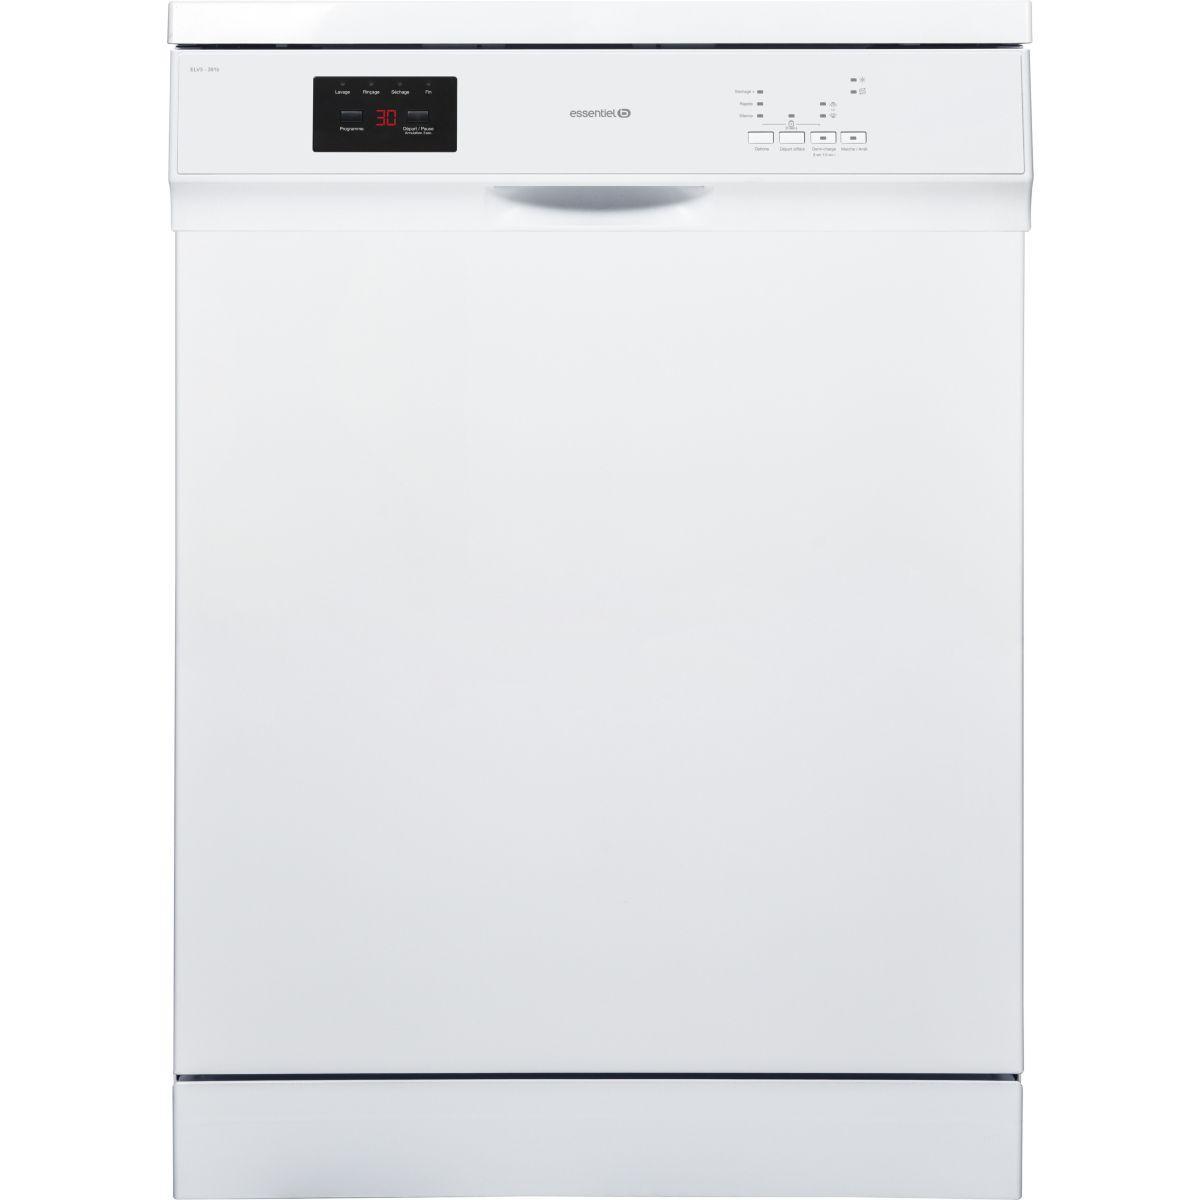 Lave vaisselle 60 cm ESSENTIELB ELV3-391b